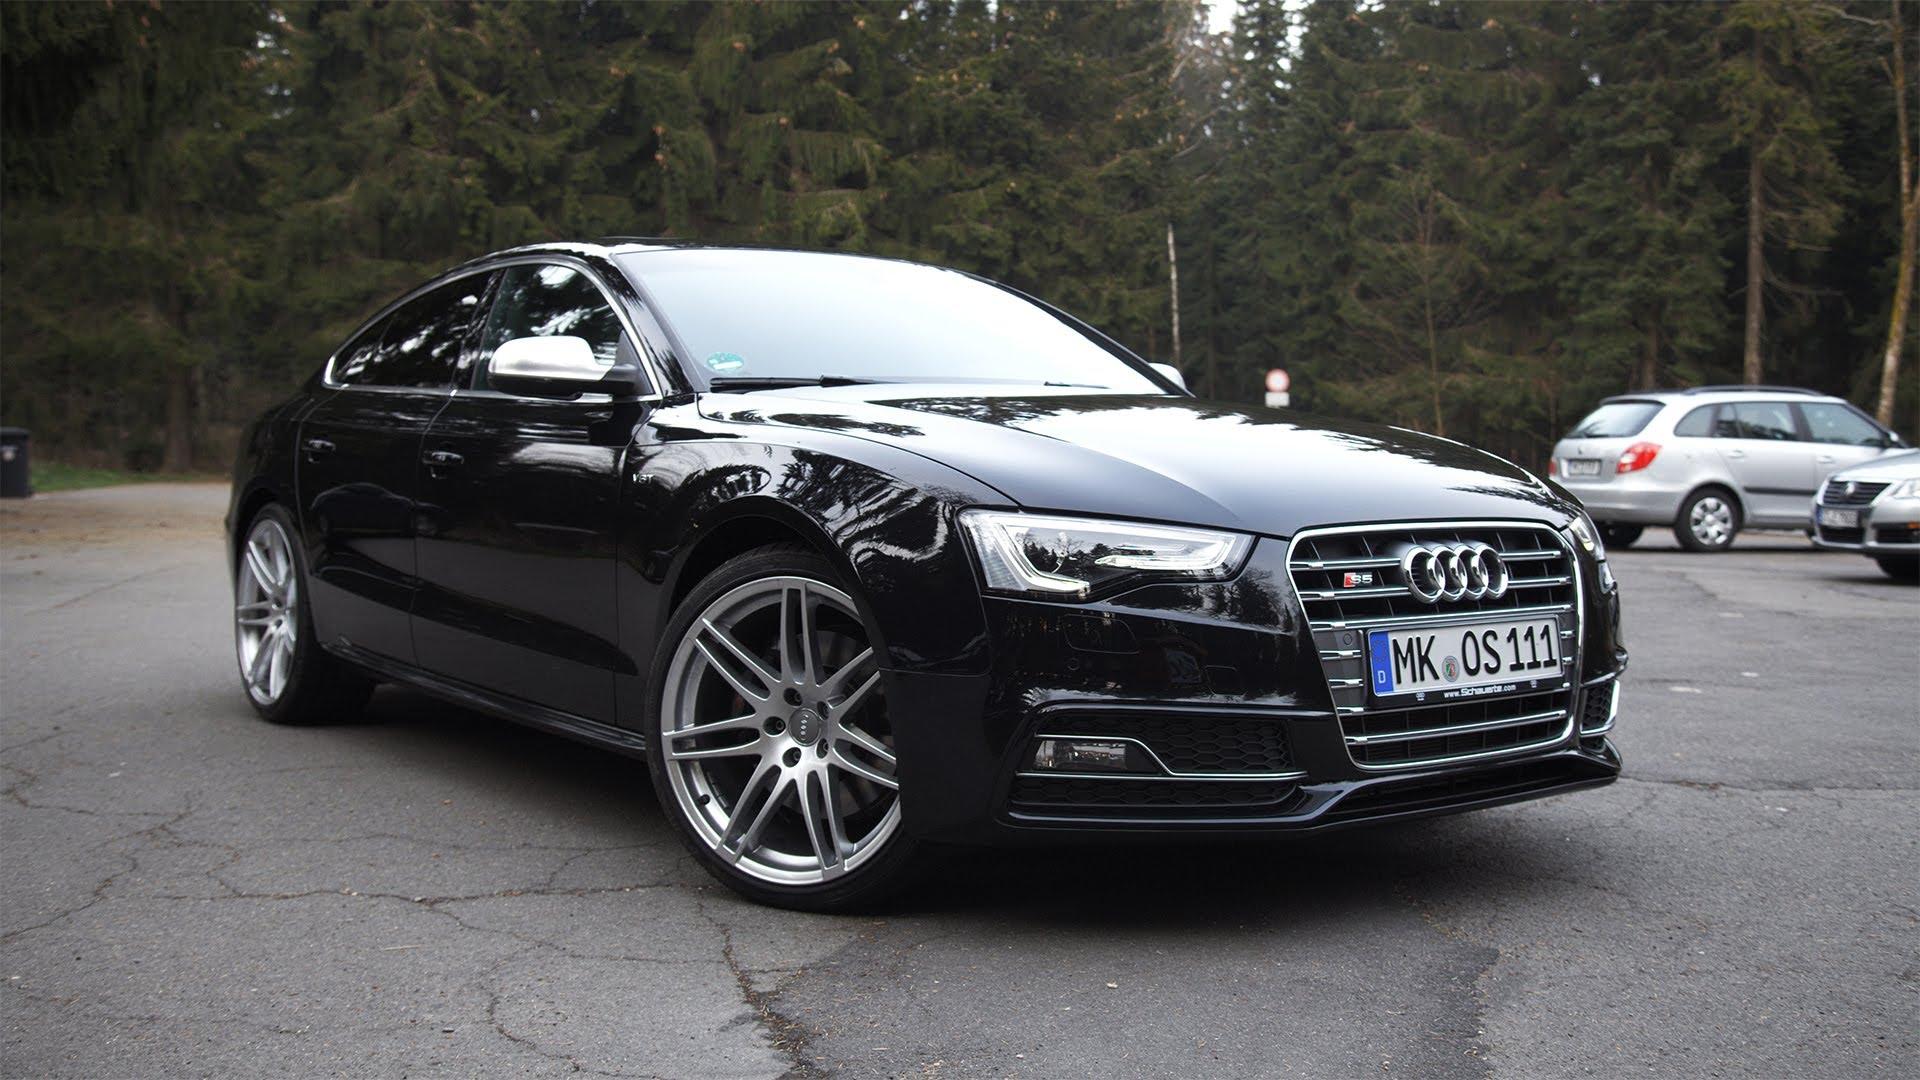 Audi S5 2012